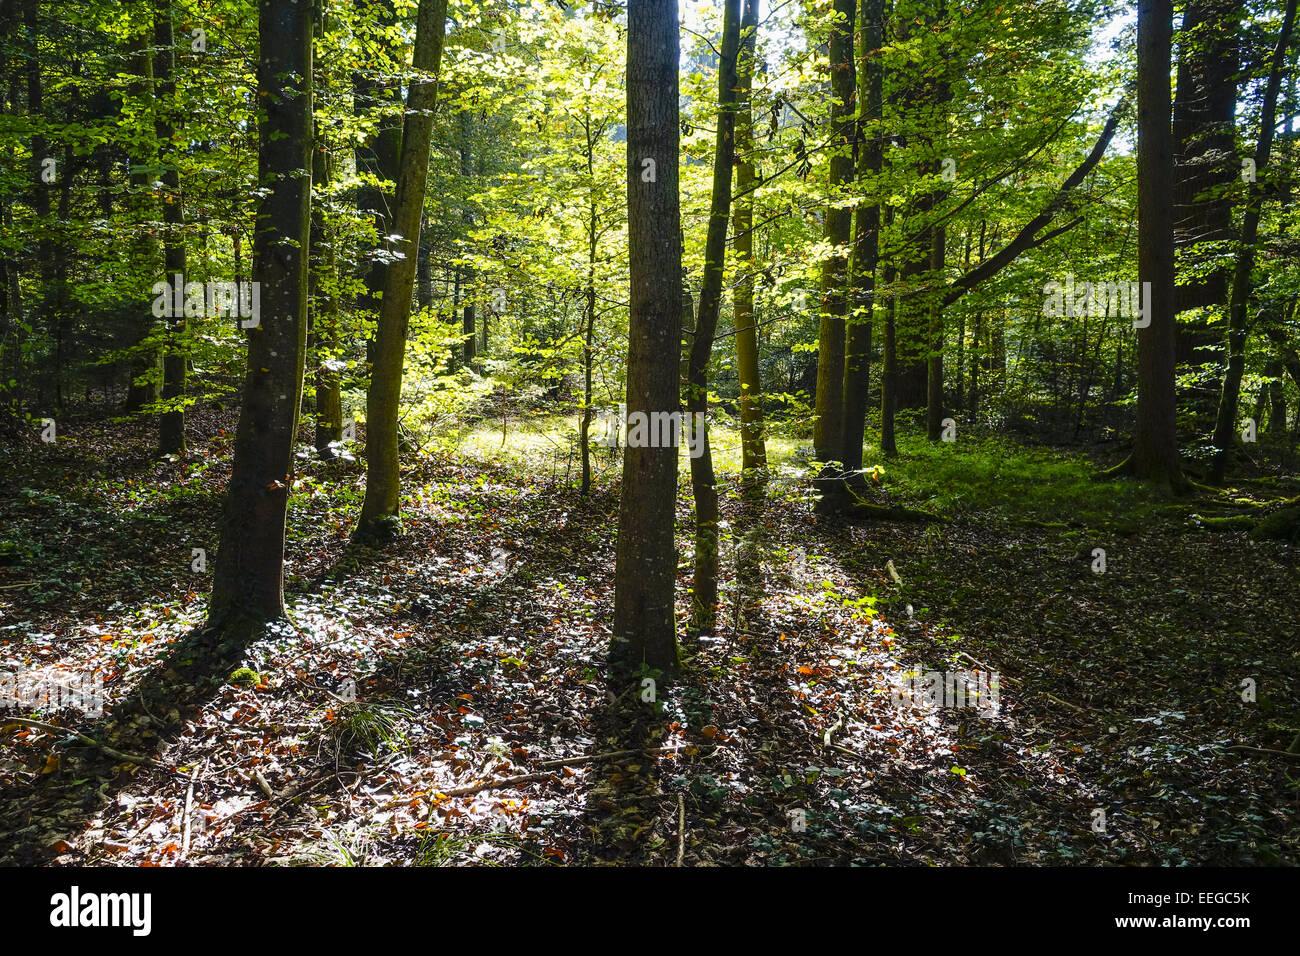 Sonnenstrahlen durchfluteten einen Wald, Sunbeams flooded the forest, background, Bavaria, Bavarian, beam, beams, - Stock Image